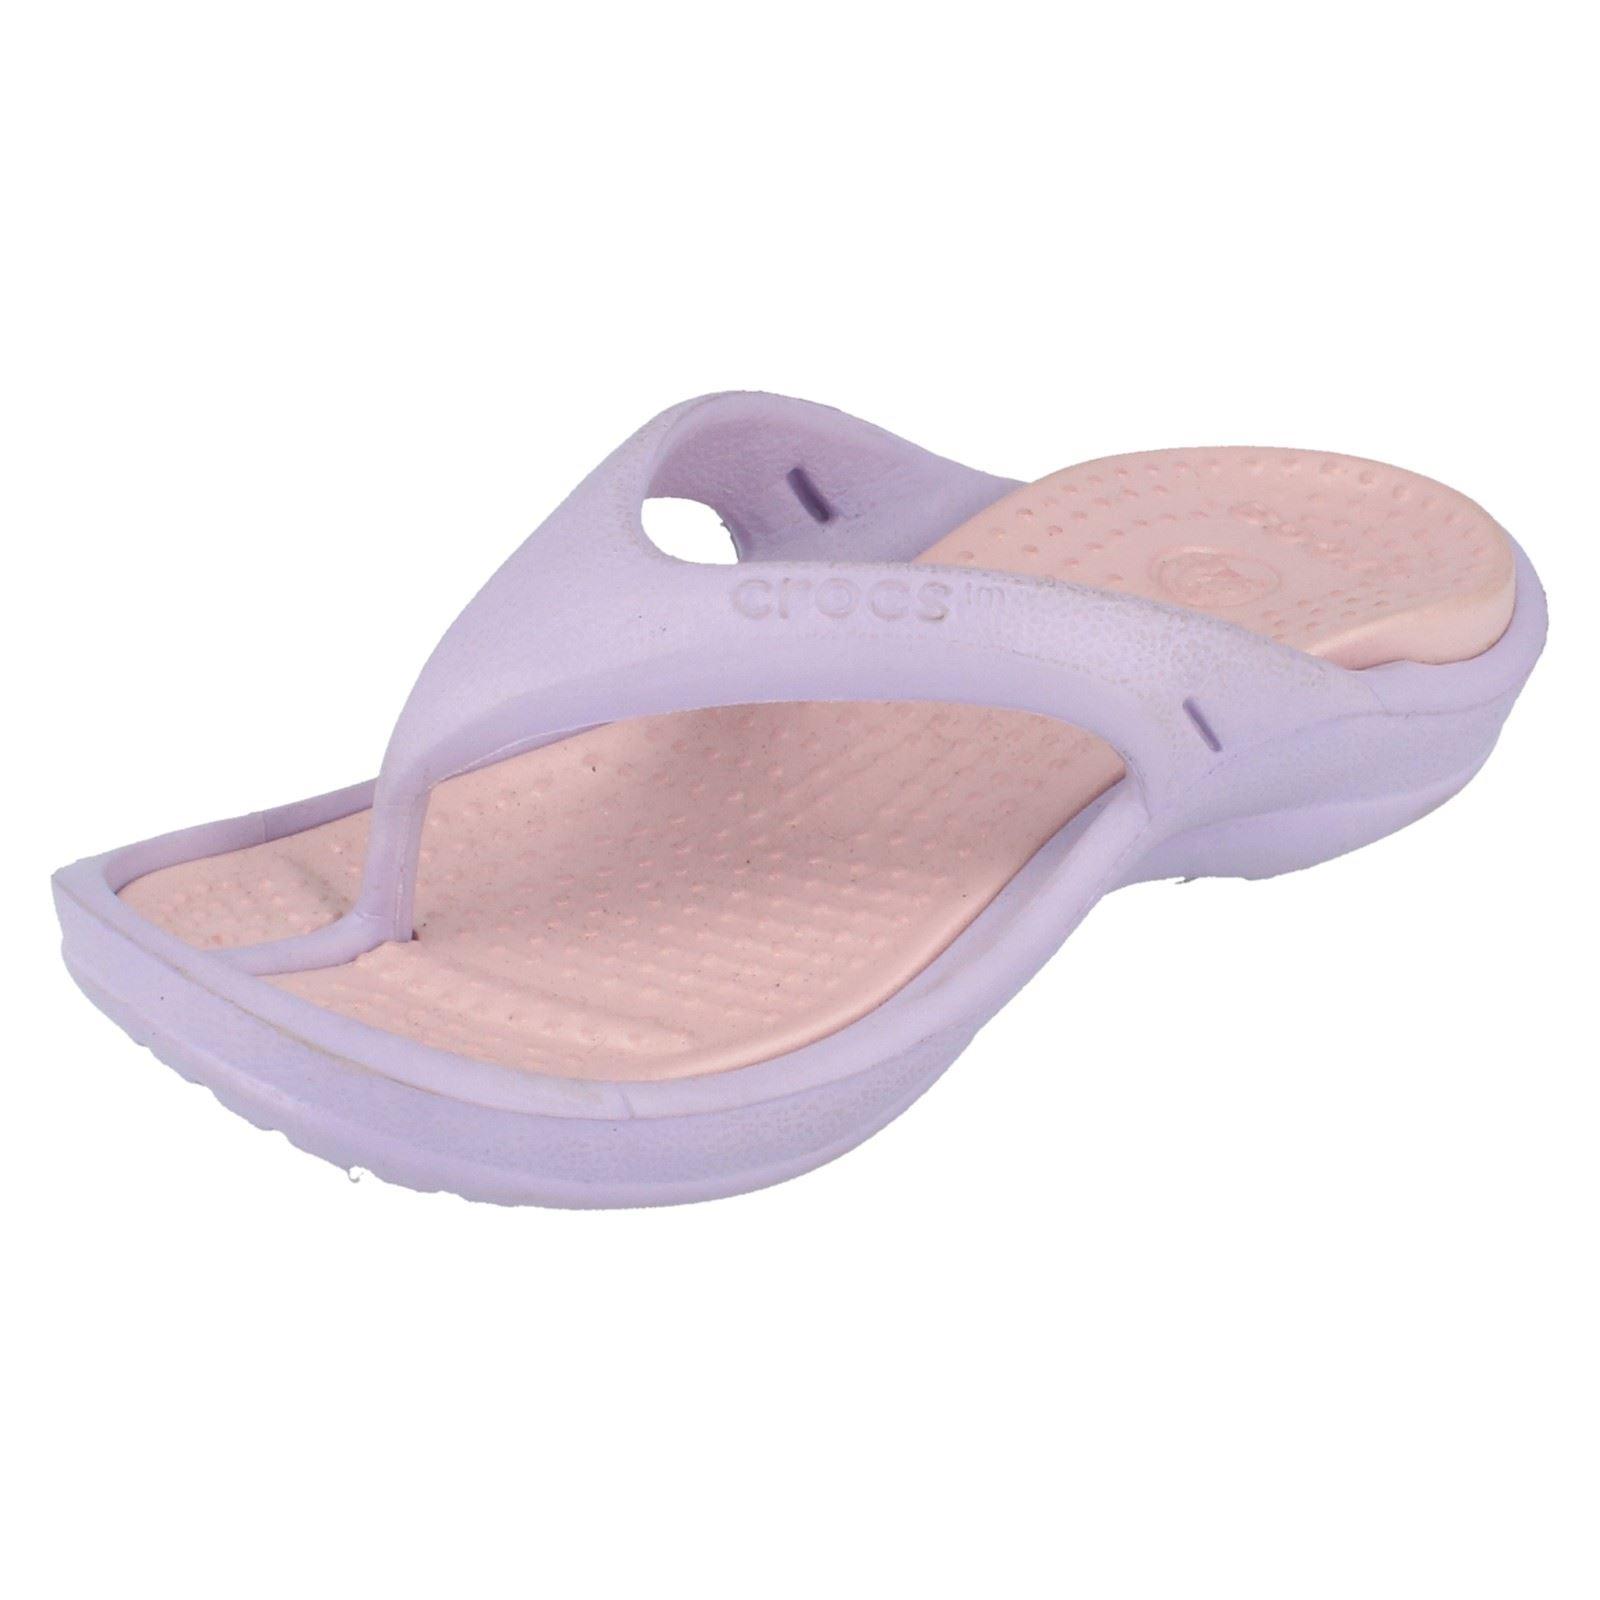 Kinder Crocs Sandalen 'Athènes' Zehensteg ~ K